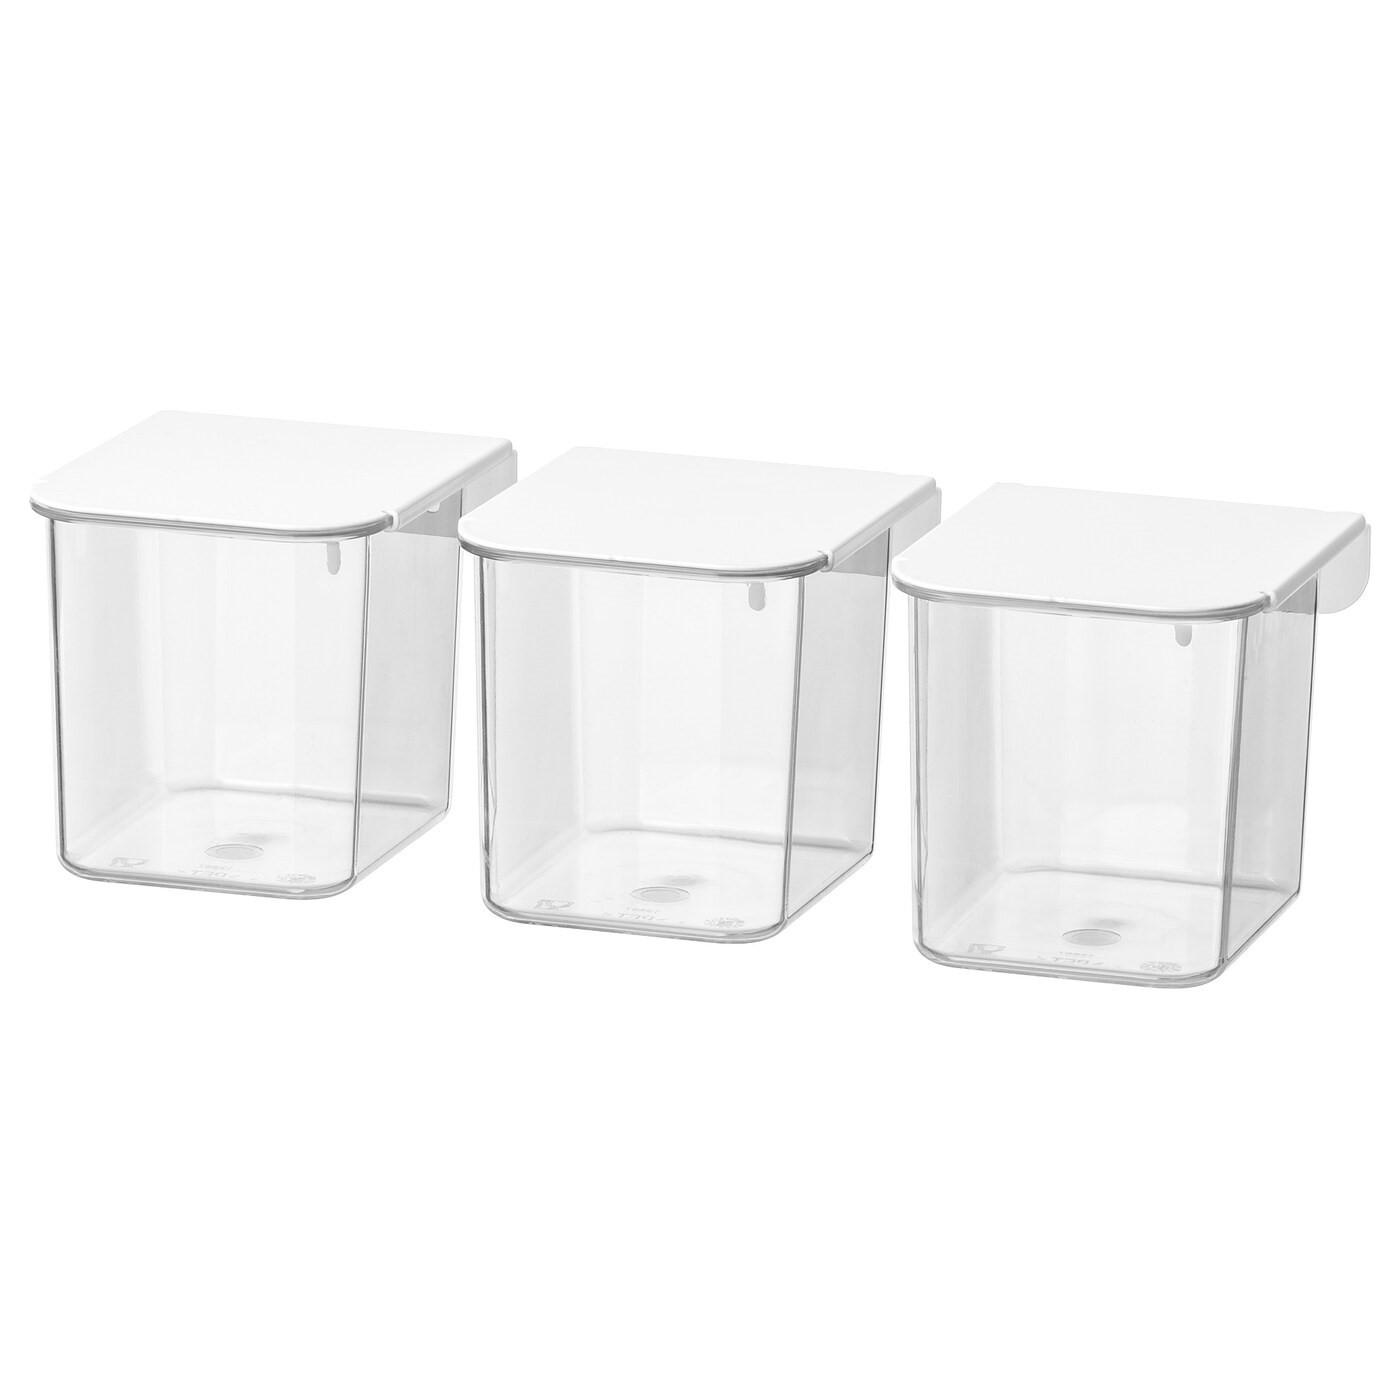 IKEA SKÅDIS контейнер с крышкой белый 7x8.5x8 см 803.359.09